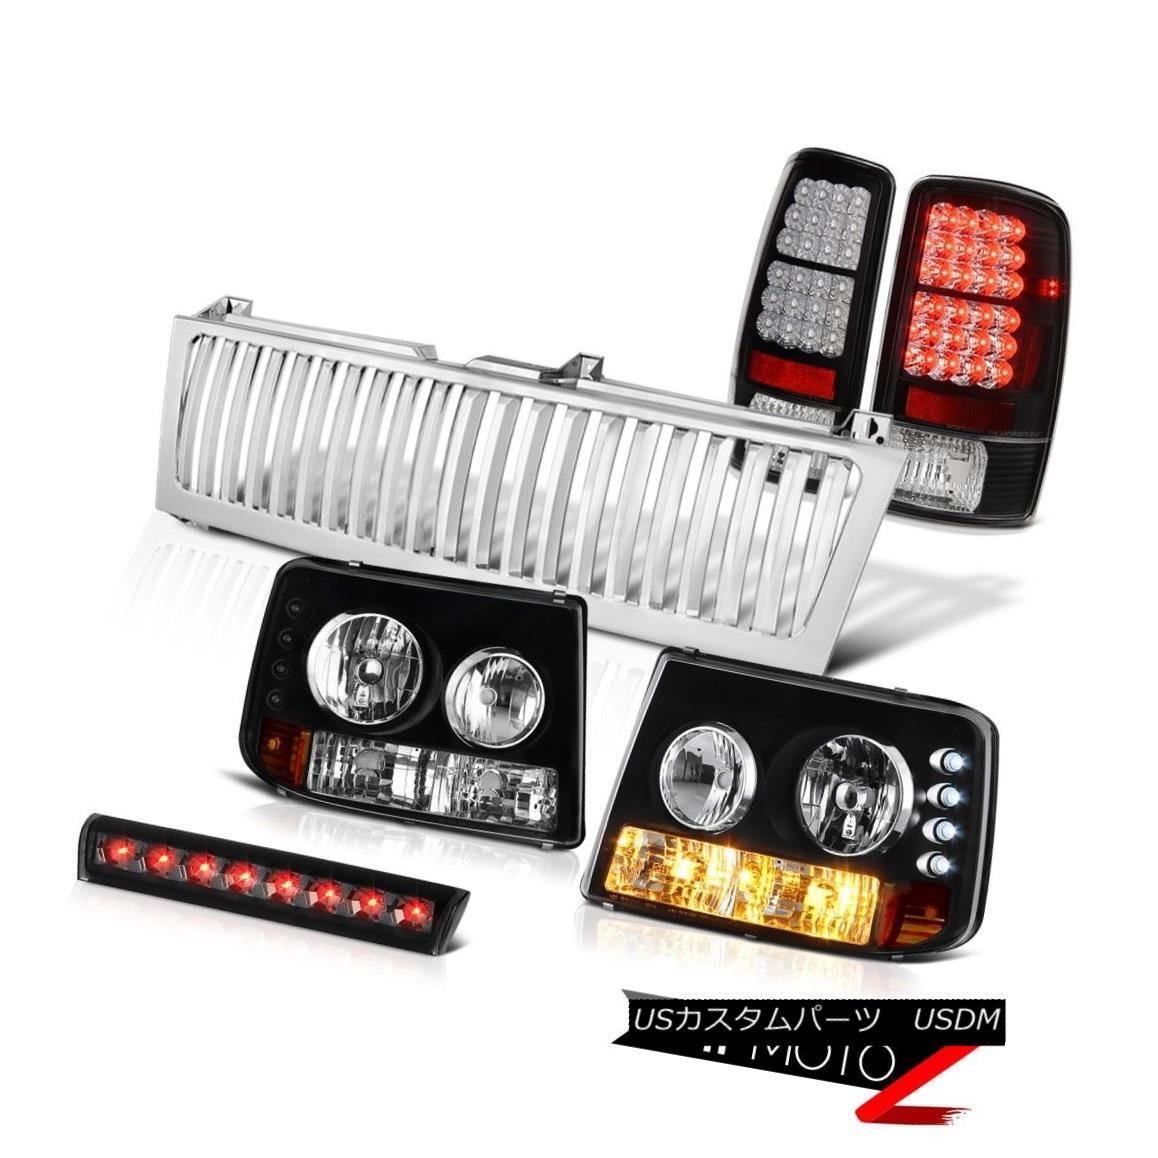 テールライト 00-06 Suburban 1500 Bumper+Headlight LED Taillamp High Stop Smoke Chrome Grille 00-06郊外1500バンパー+ヘッドライト ht LEDテールランプハイストップスモーククロームグリル